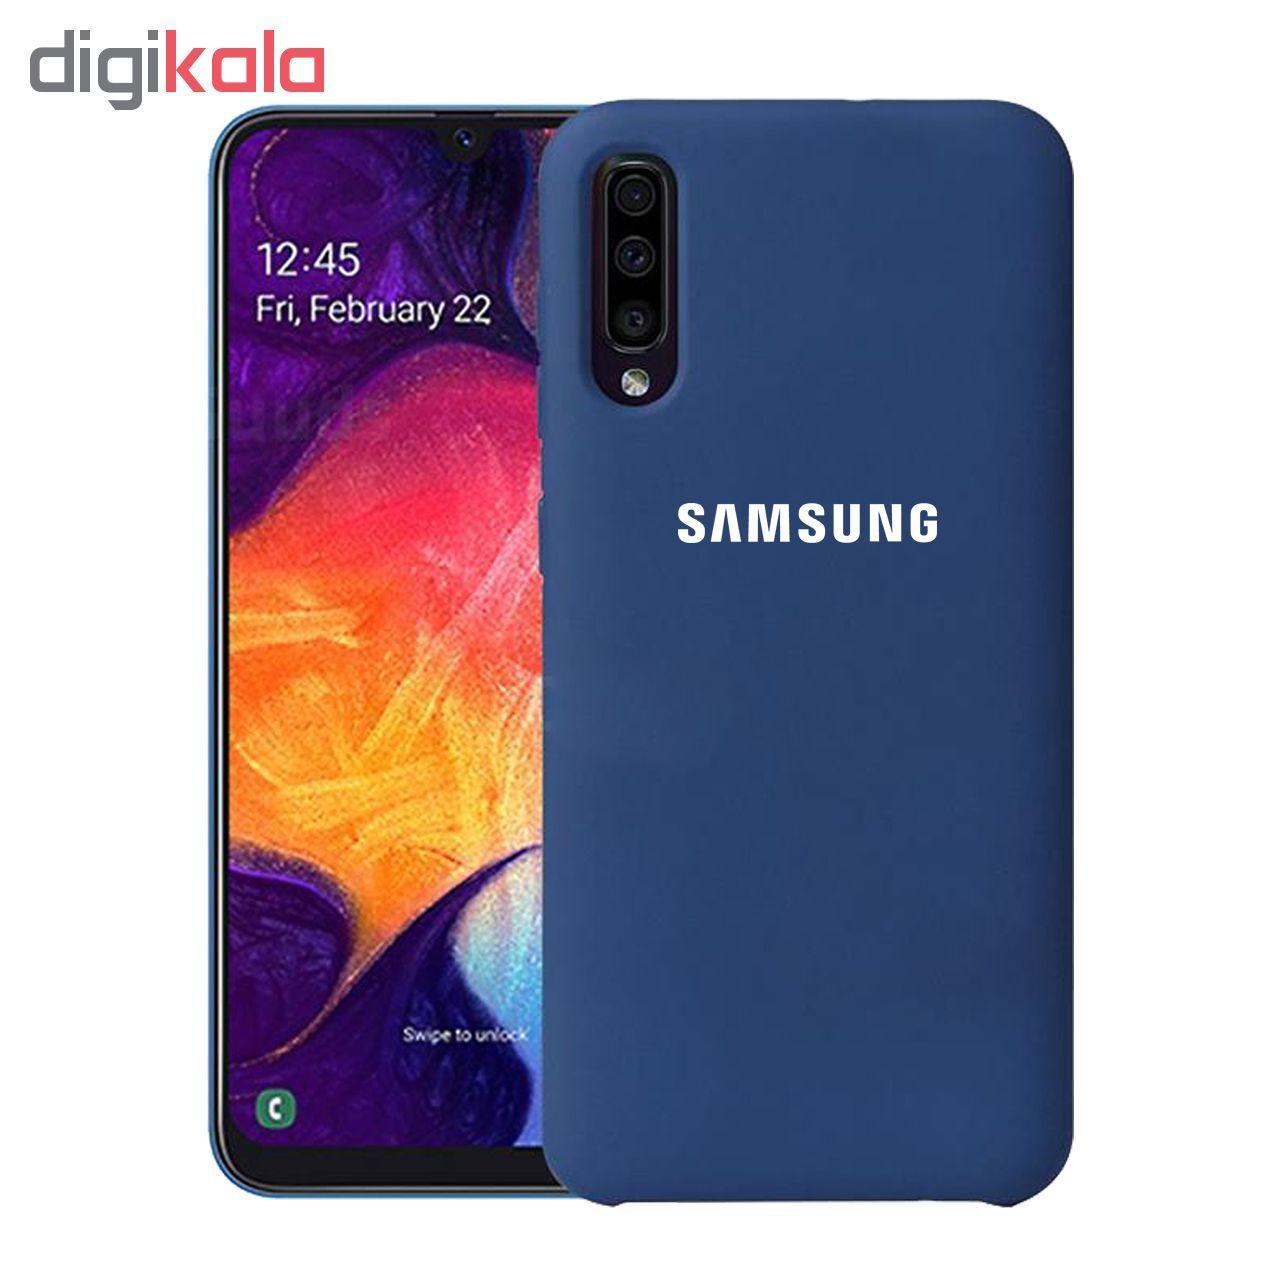 کاور سیلیکونی مدل Silky soft-touch مناسب برای گوشی موبایل سامسونگ Galaxy A50 main 1 4